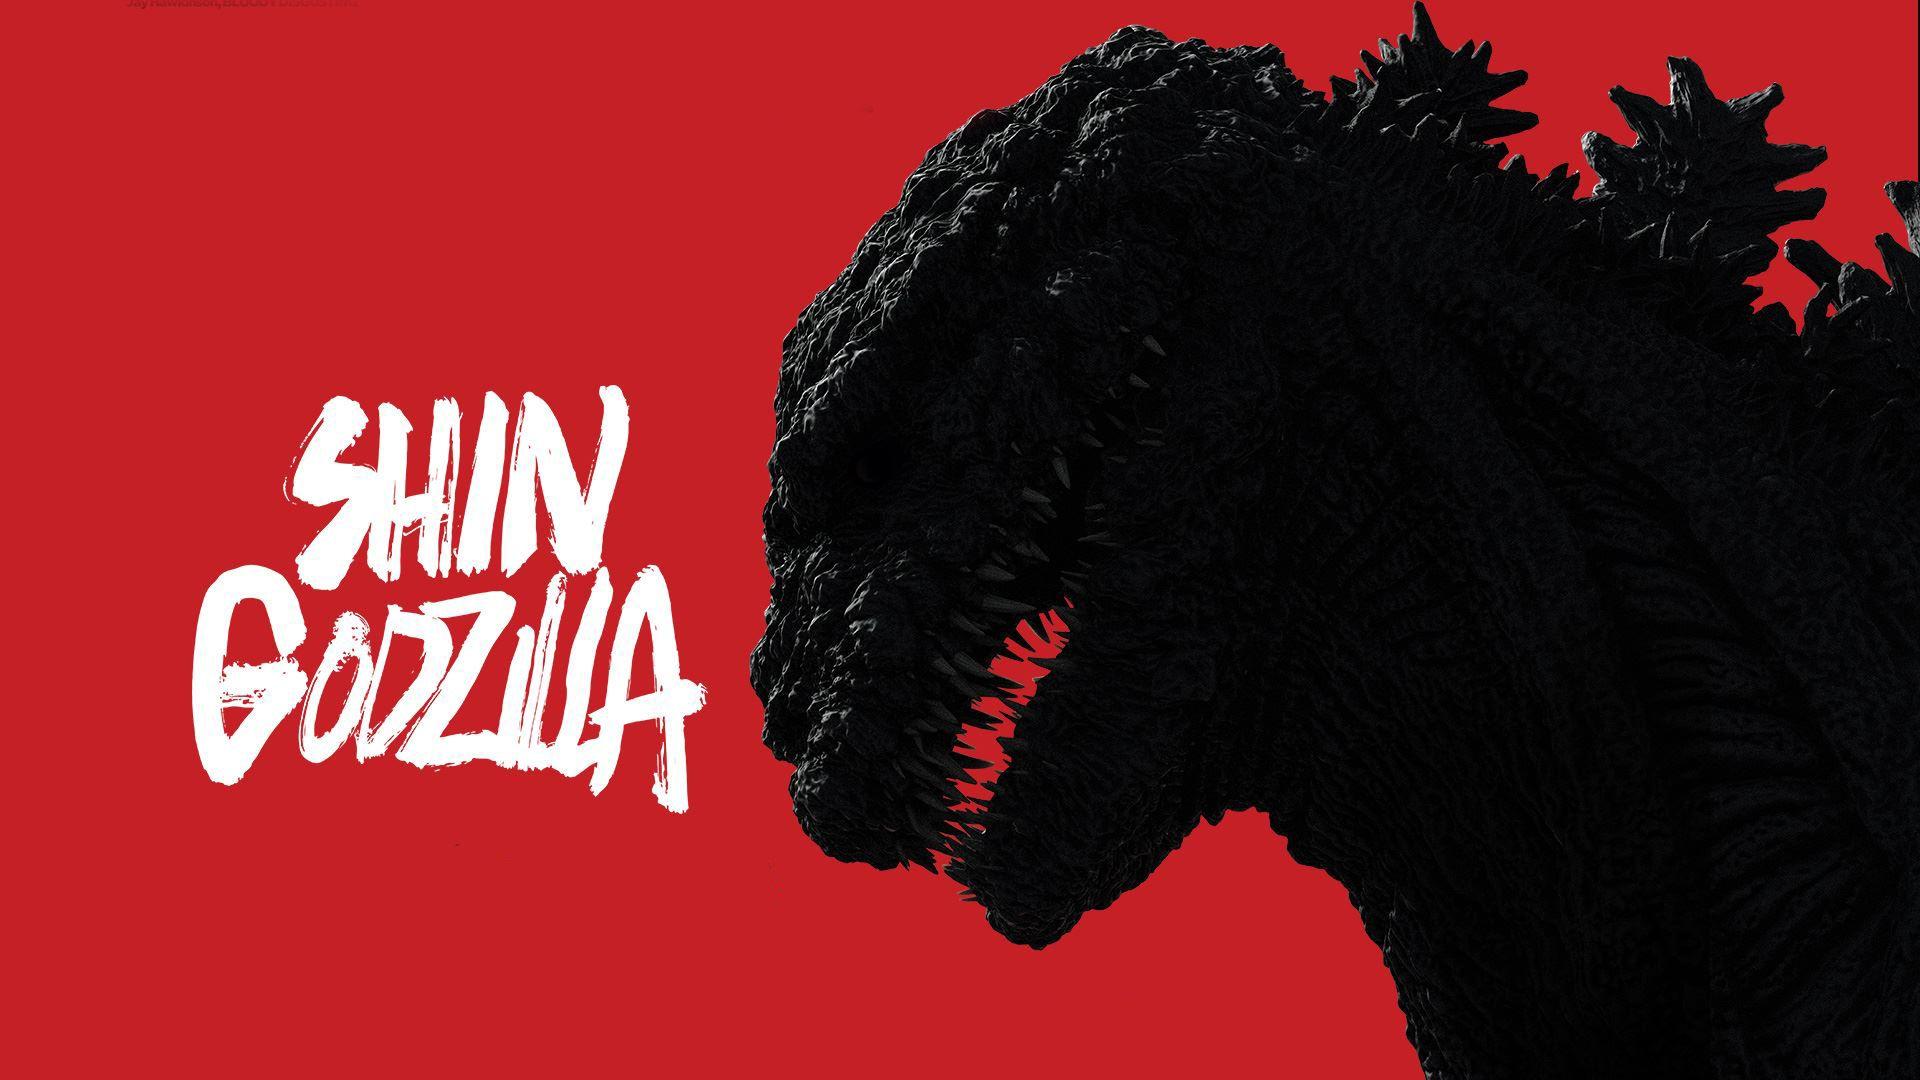 Shin Godzilla x2 [1920x1080] Godzilla, Giant monsters, Akira